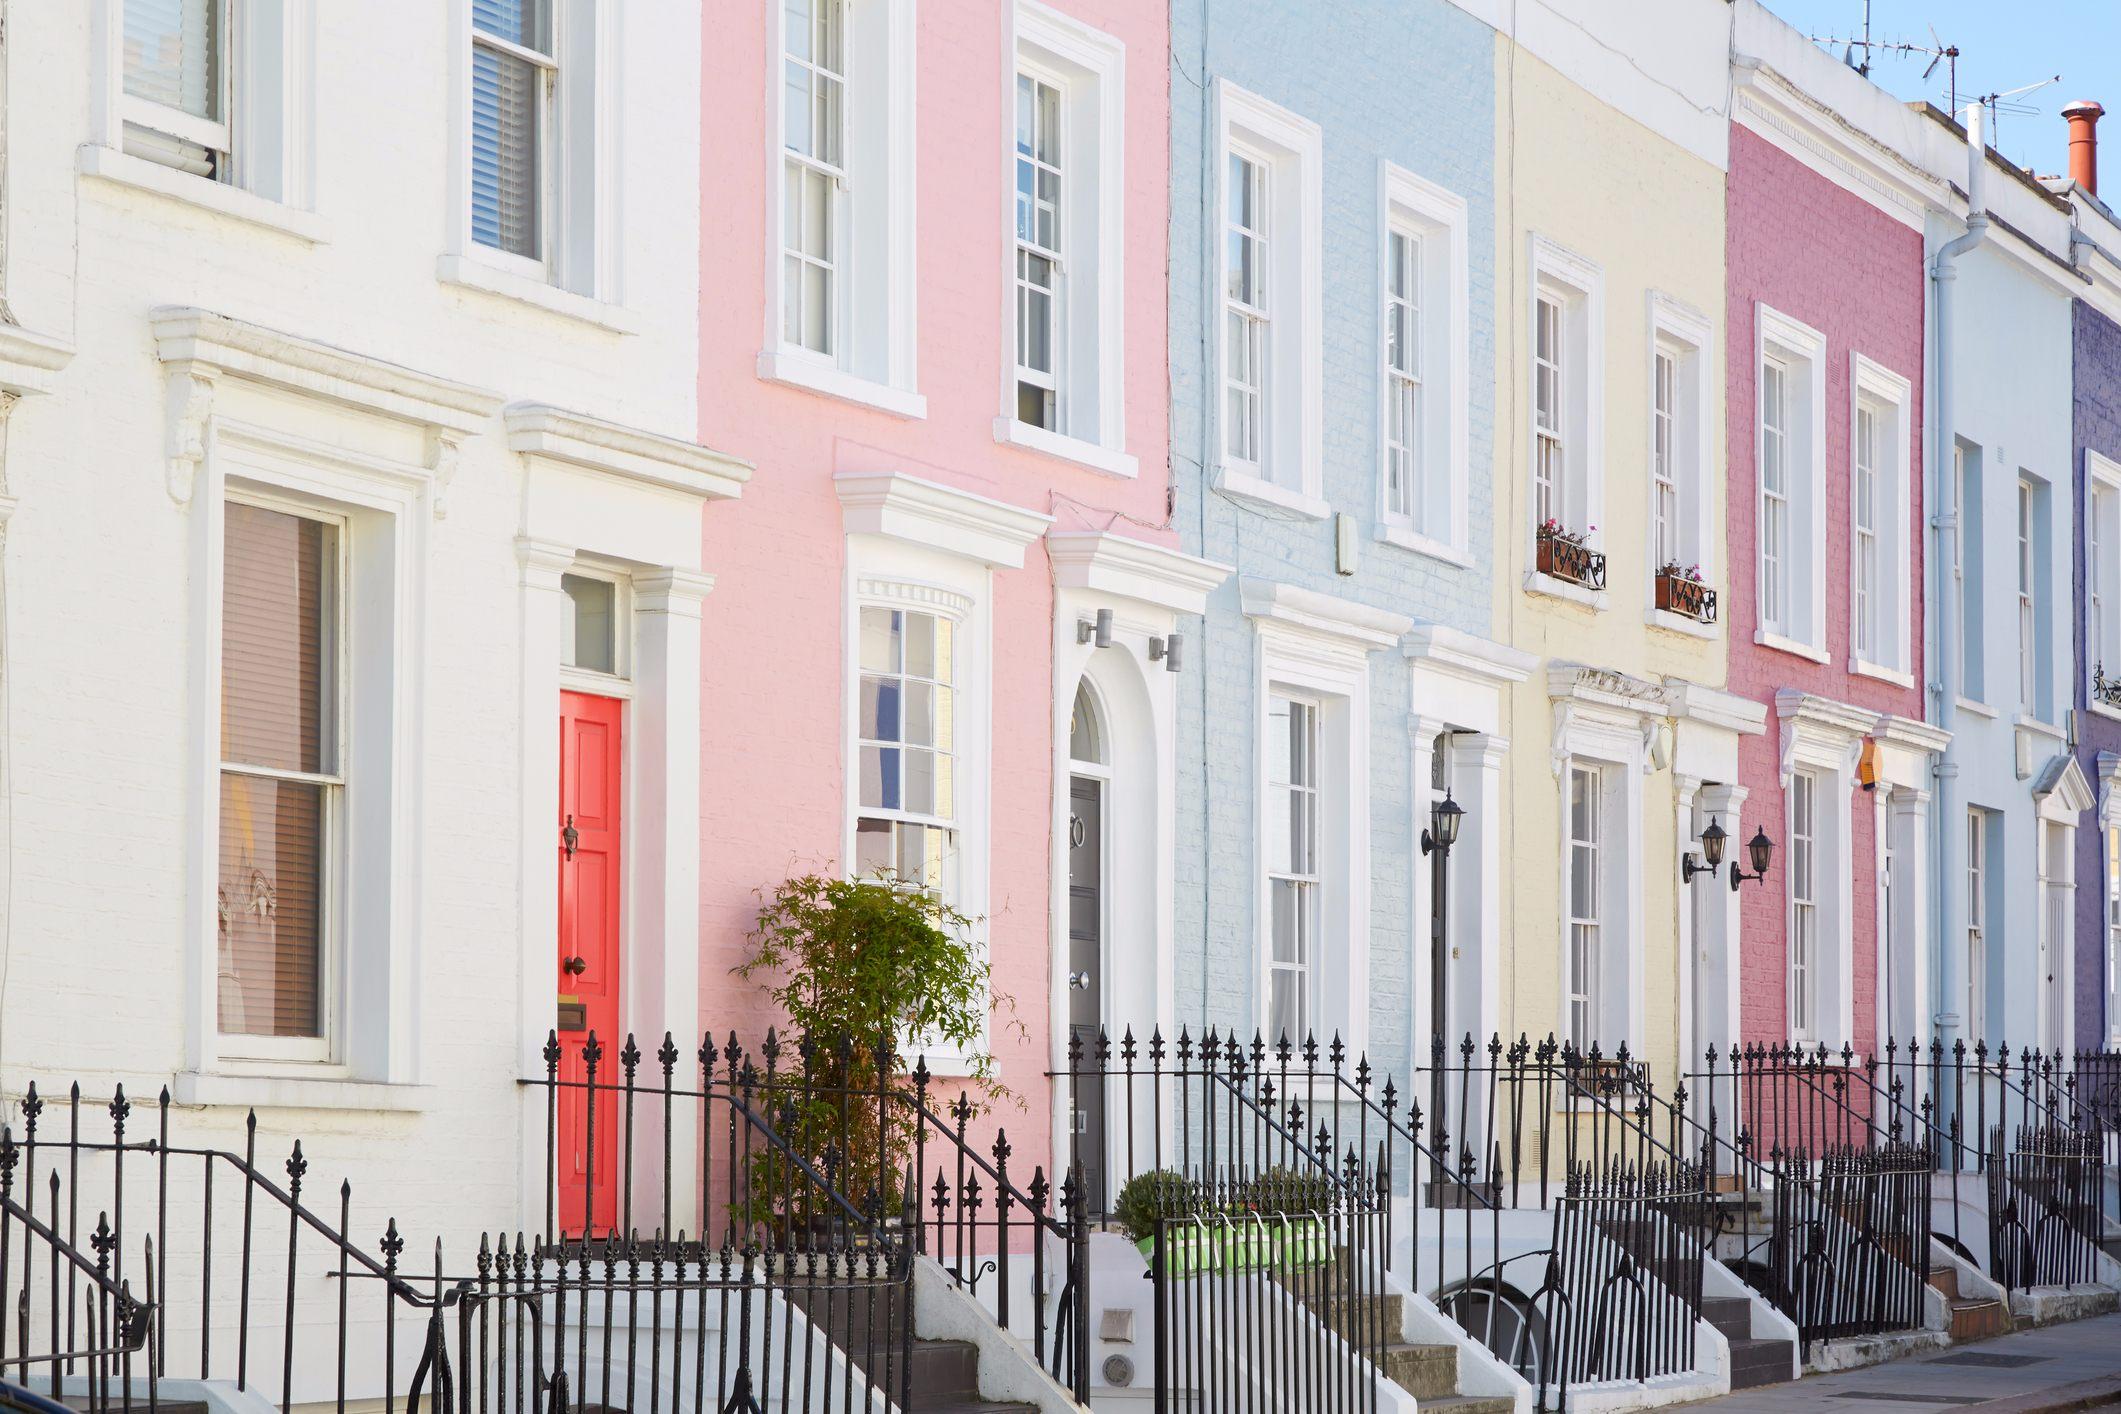 maisons londoniennes